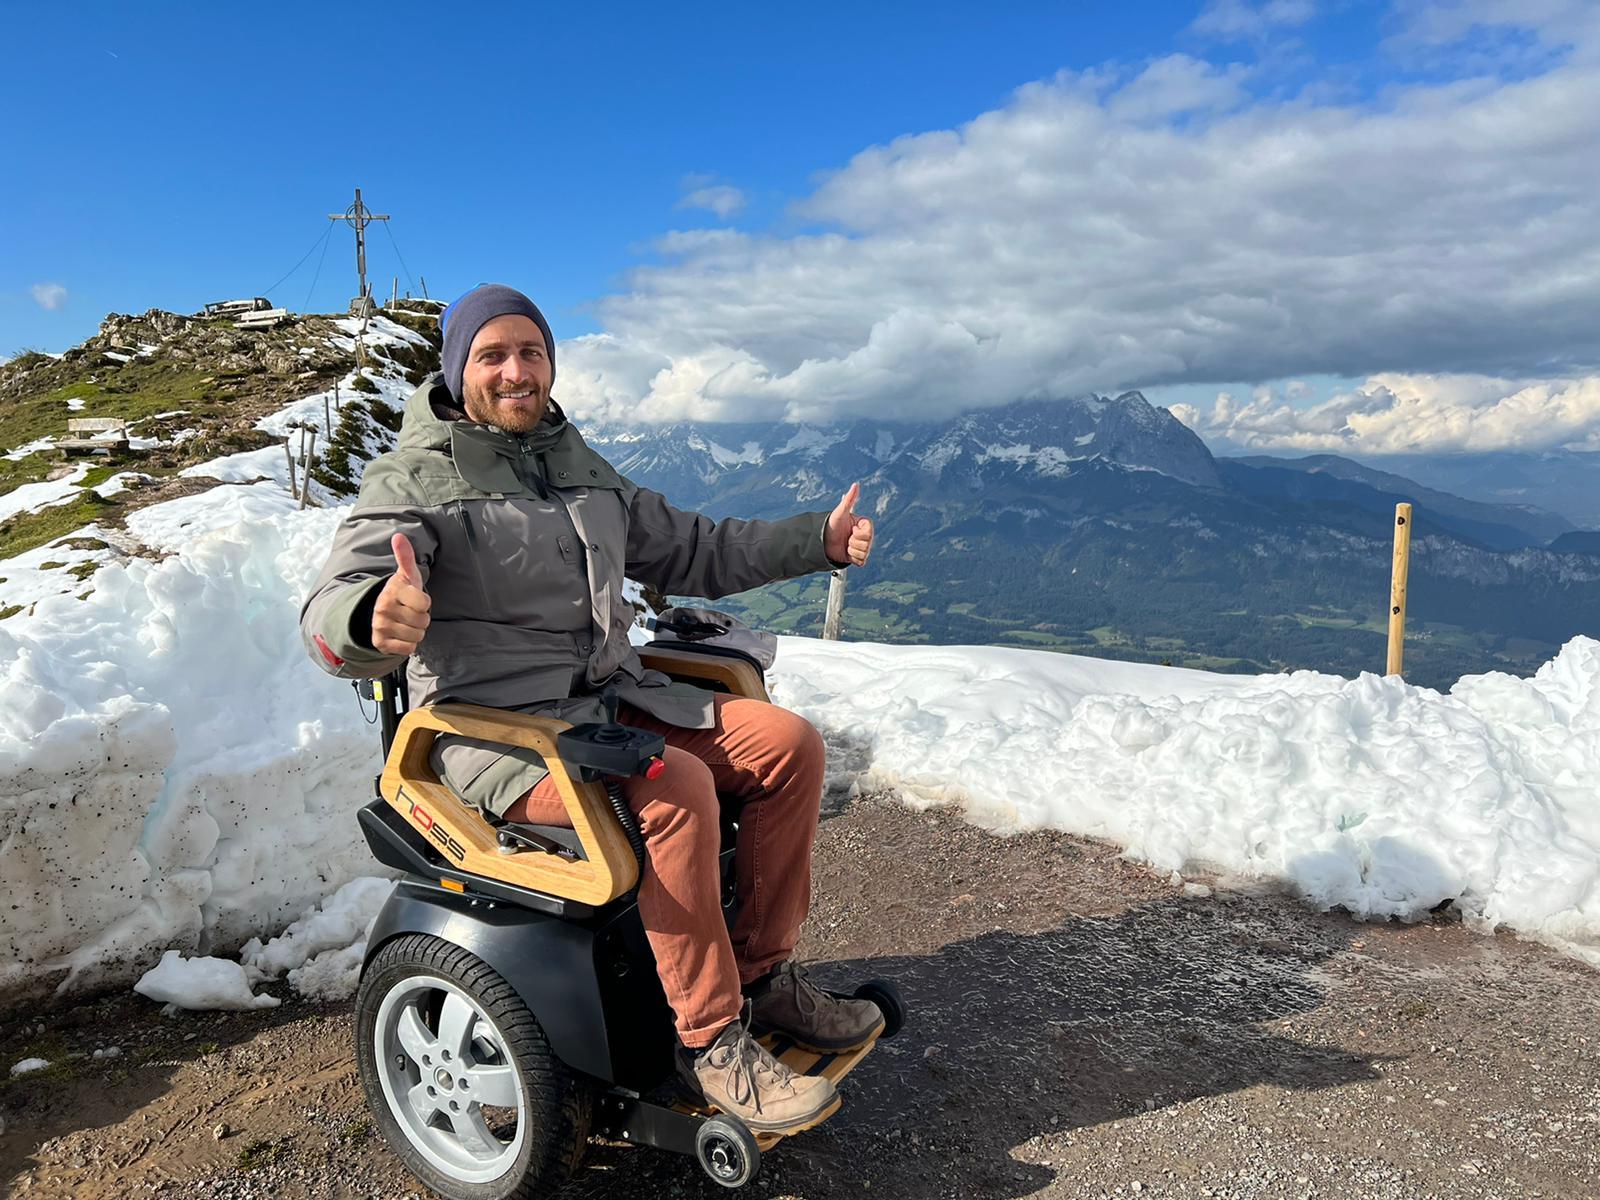 Video frankie: Rollstuhl HOSS Power Revolution - Welche Kriterien muss ein guter Elektro-Rollstuhl für uns erfüllen?